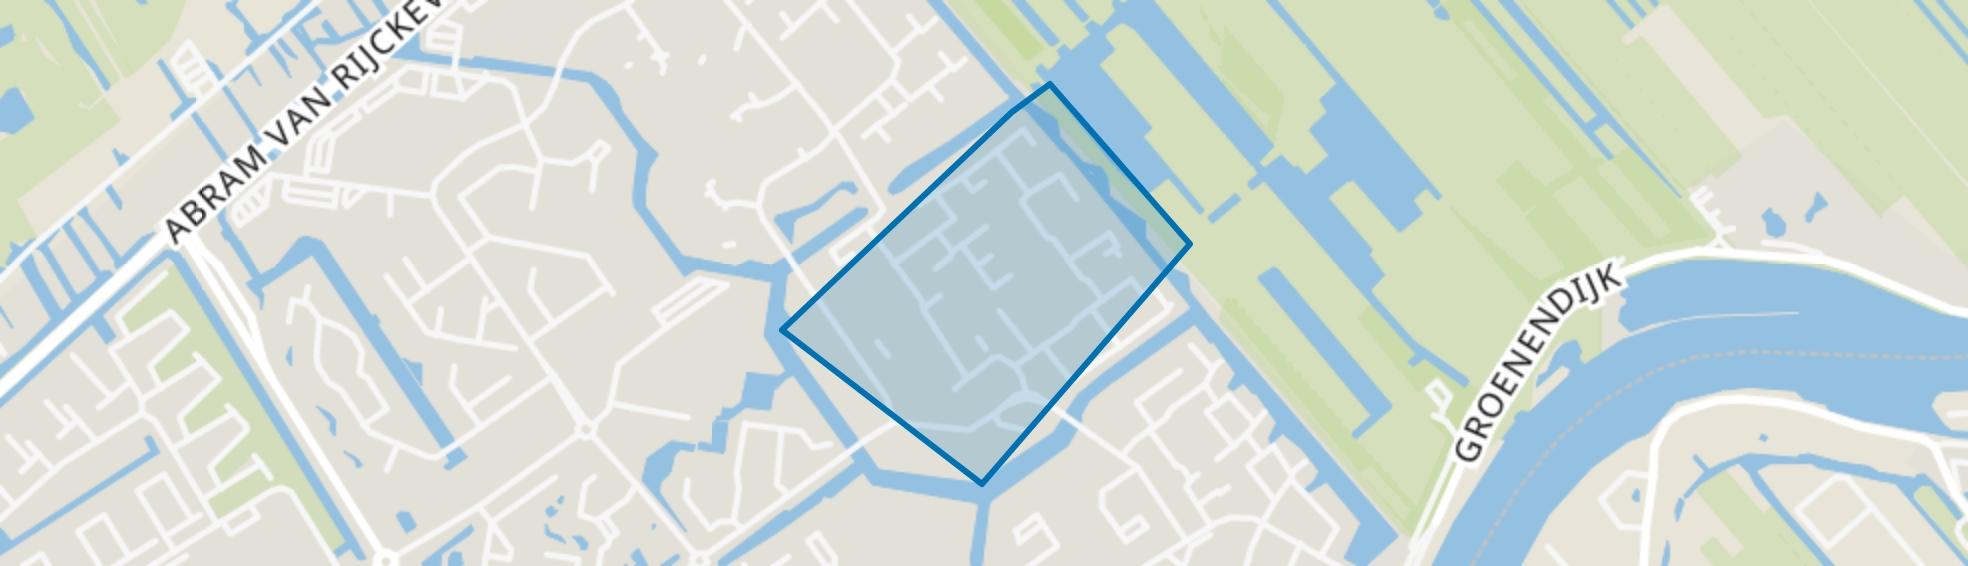 Dalenbuurt, Capelle aan den IJssel map